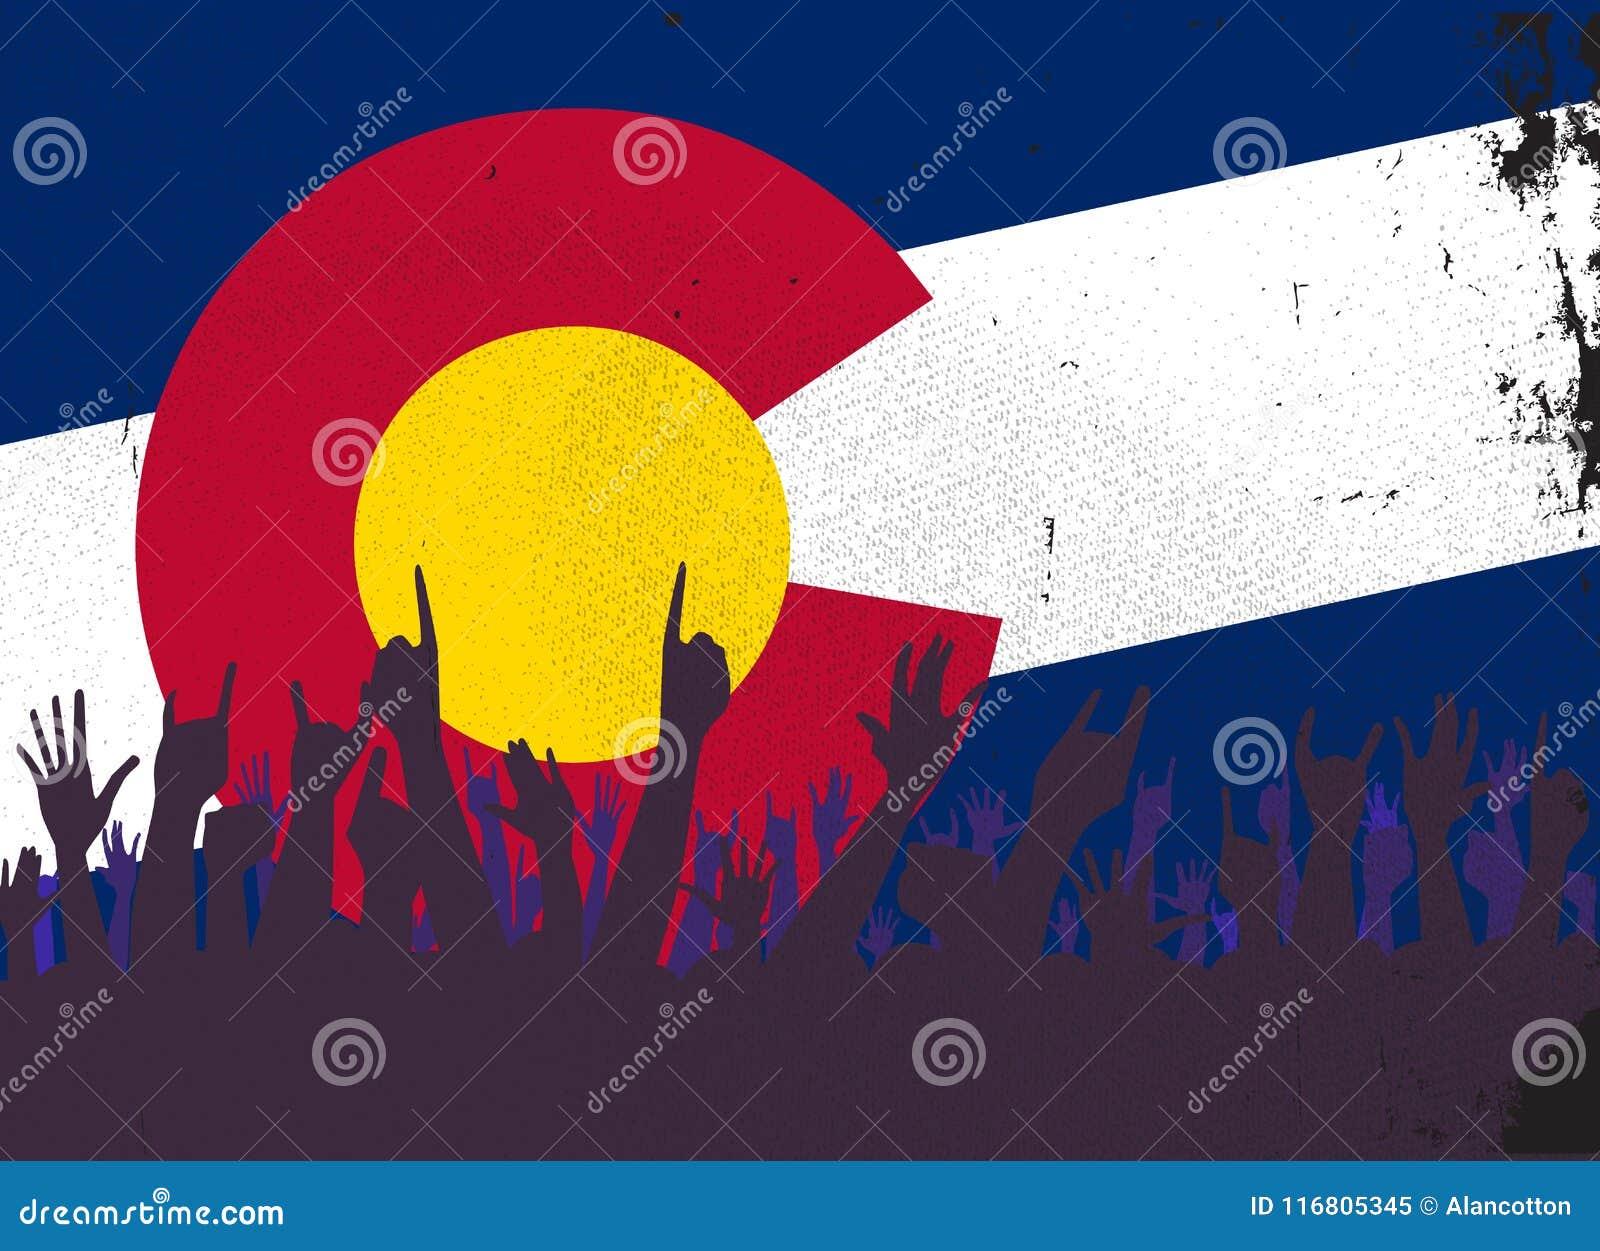 Bandiera dello stato di Colorado con reazione del pubblico